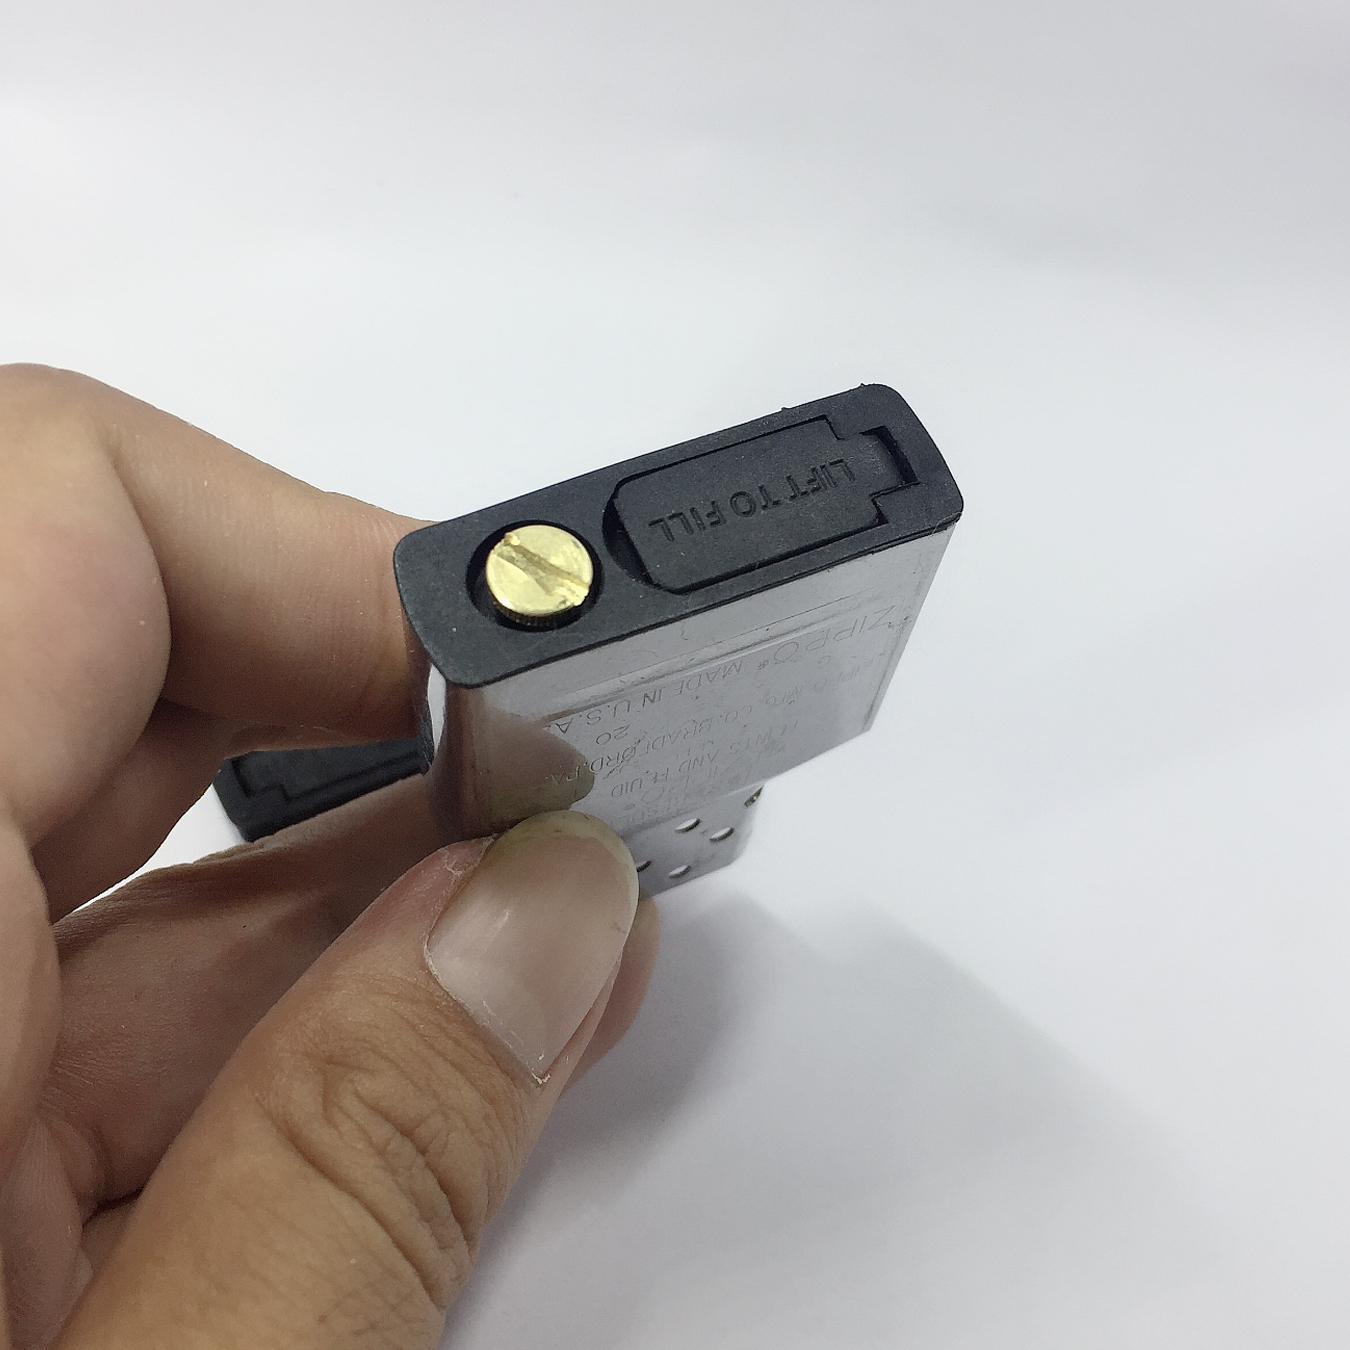 Bộ 5 chặn xăng nhựa chuyên dùng cho bật lửa Zippo - Chặn xăng cao su